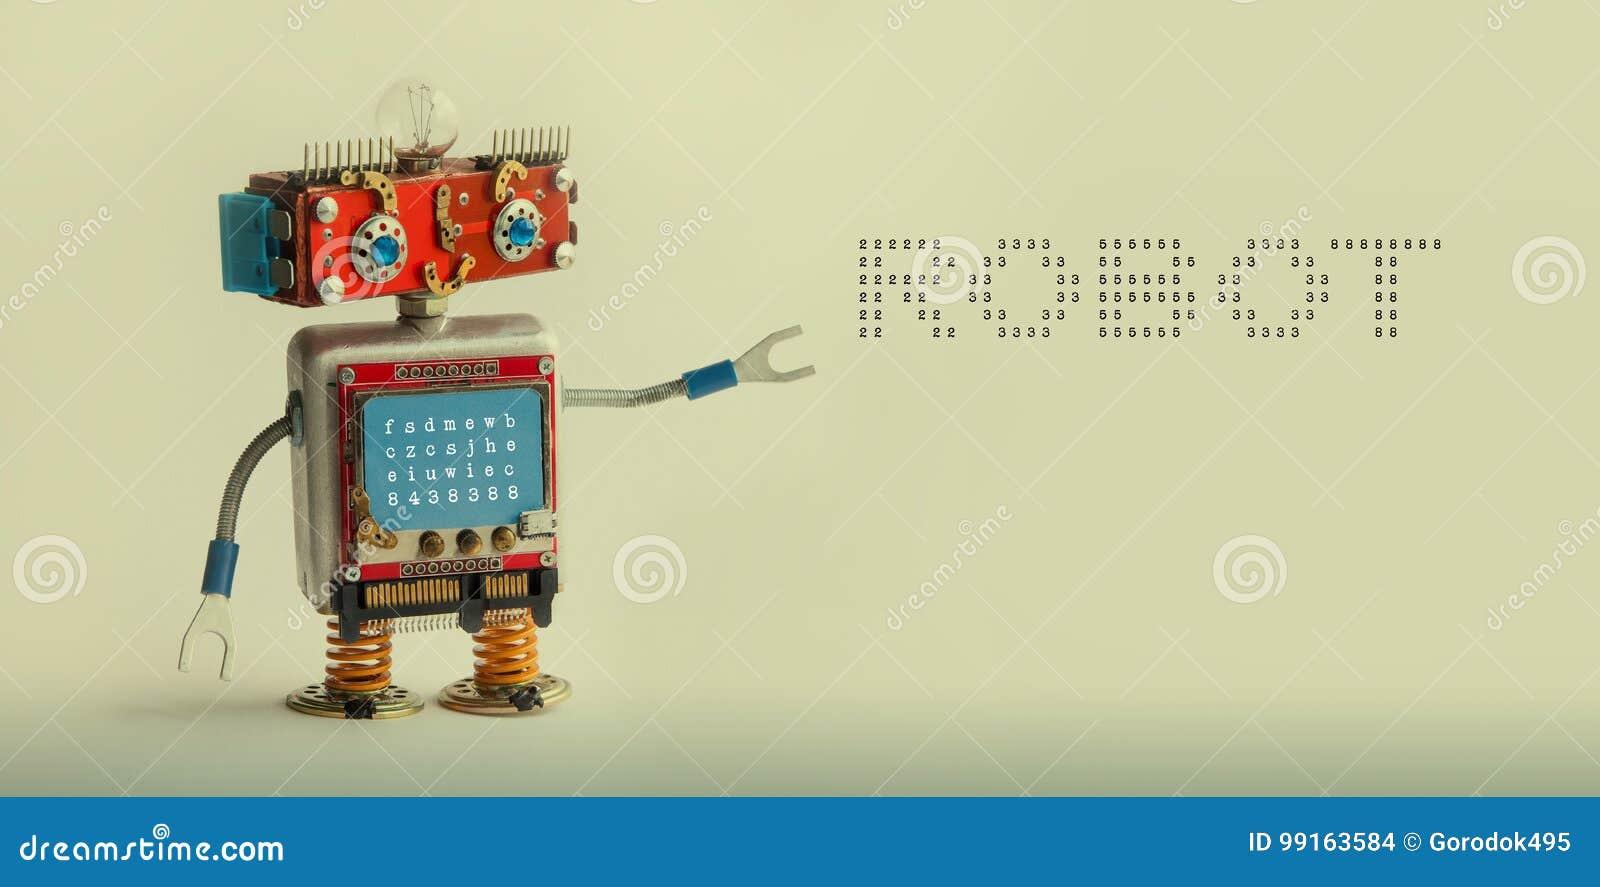 Robotic teknologibegrepp Leksaken för IT-specialistcyborgen, röd huvudblått för smiley övervakar kroppen Digitalt meddelande för